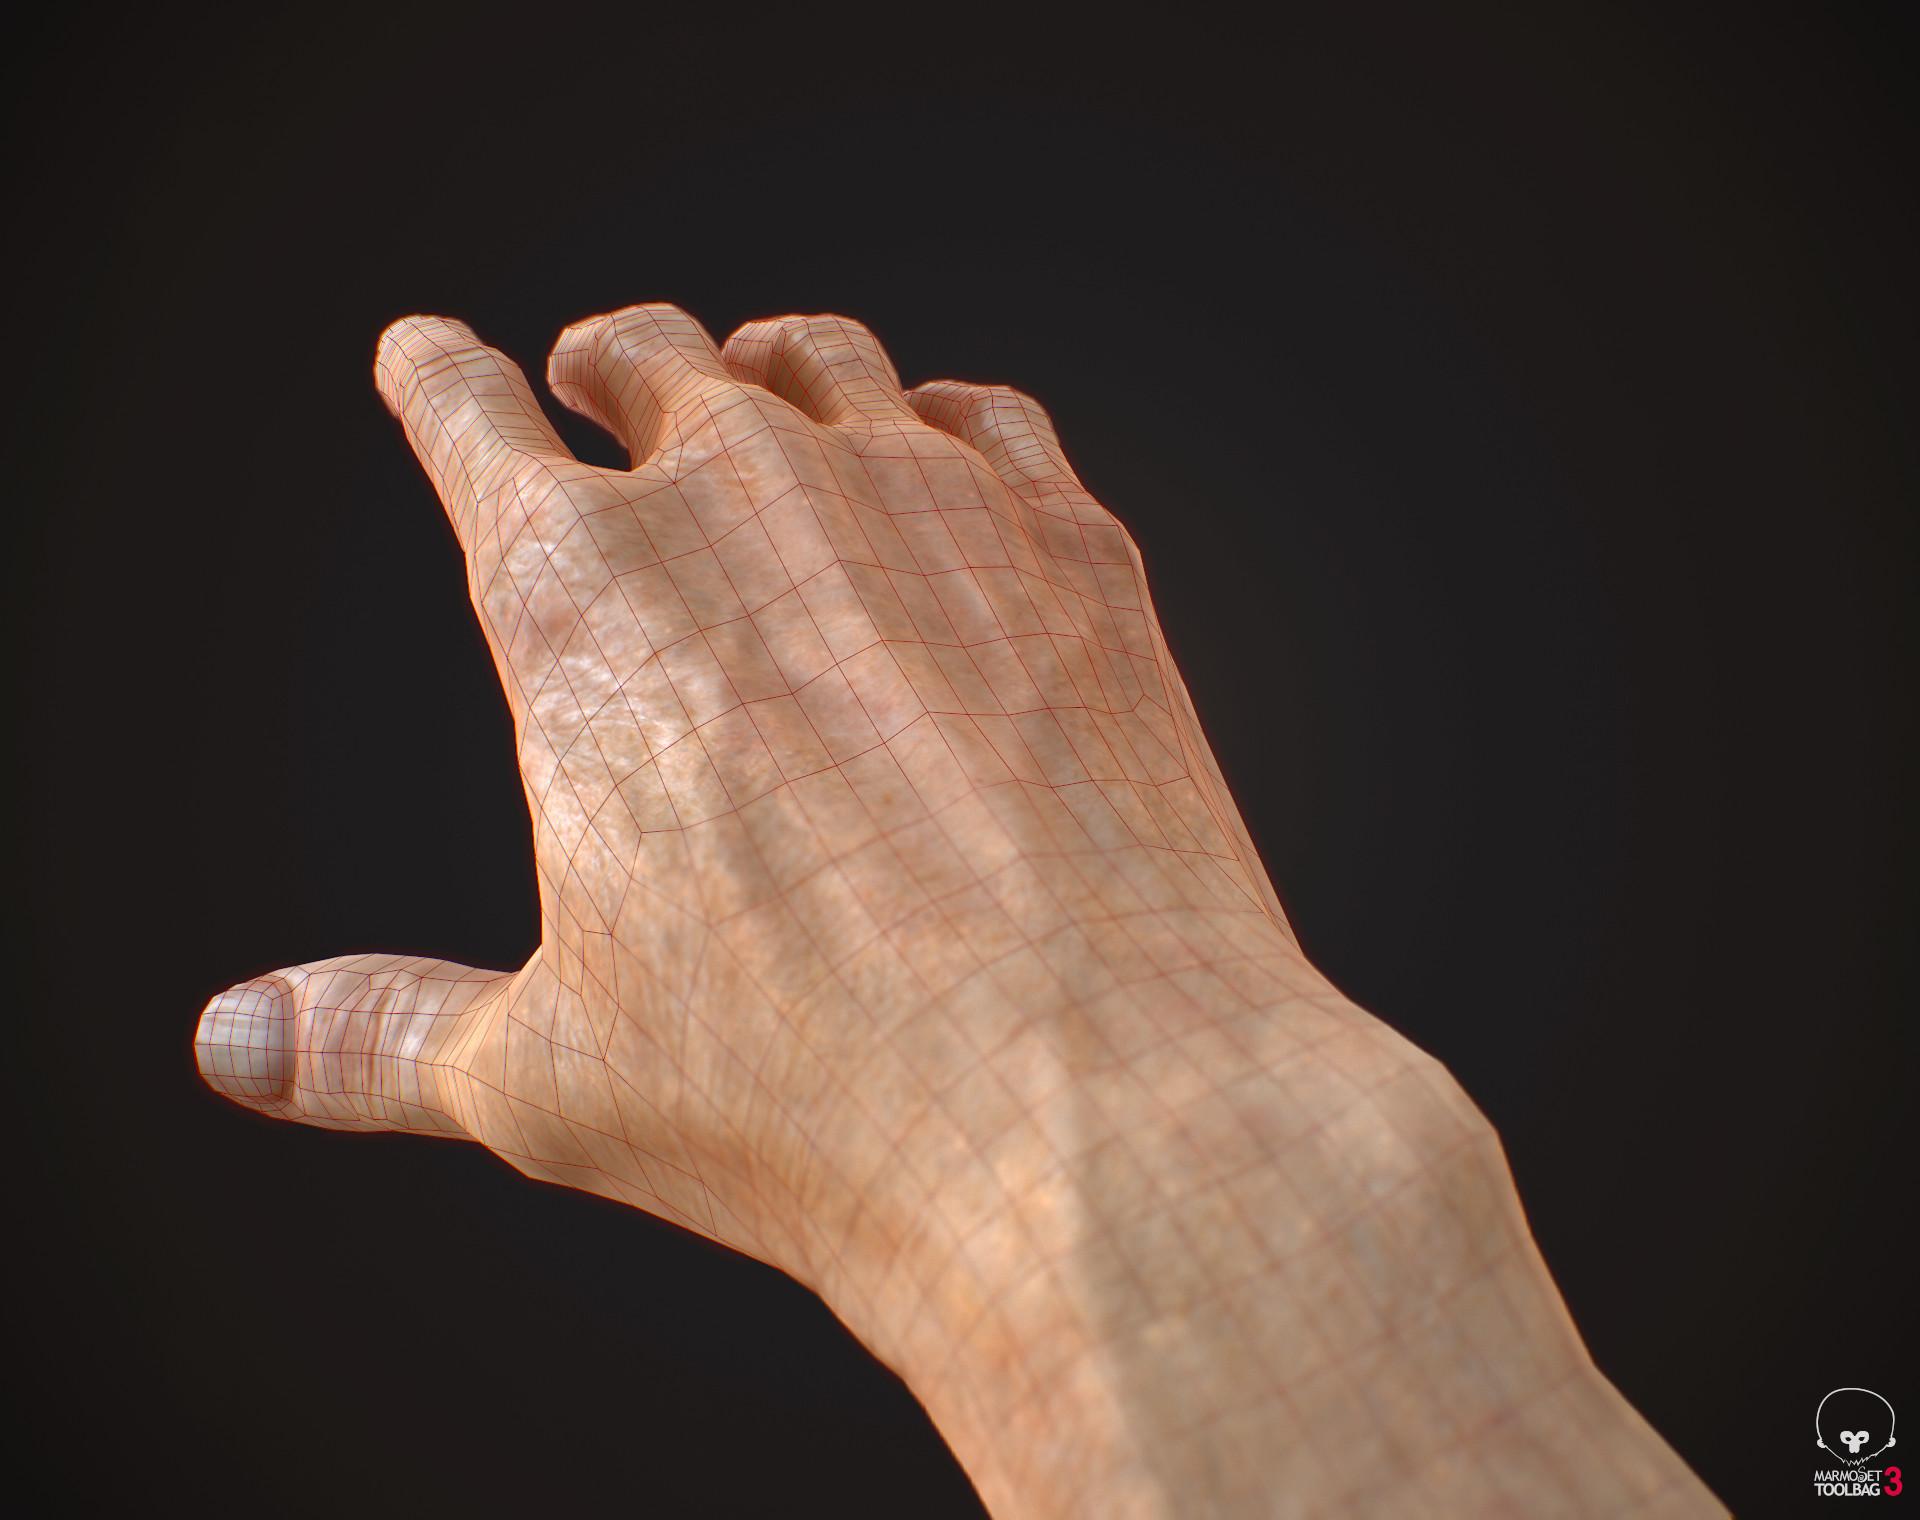 Federico abram vr hand 06